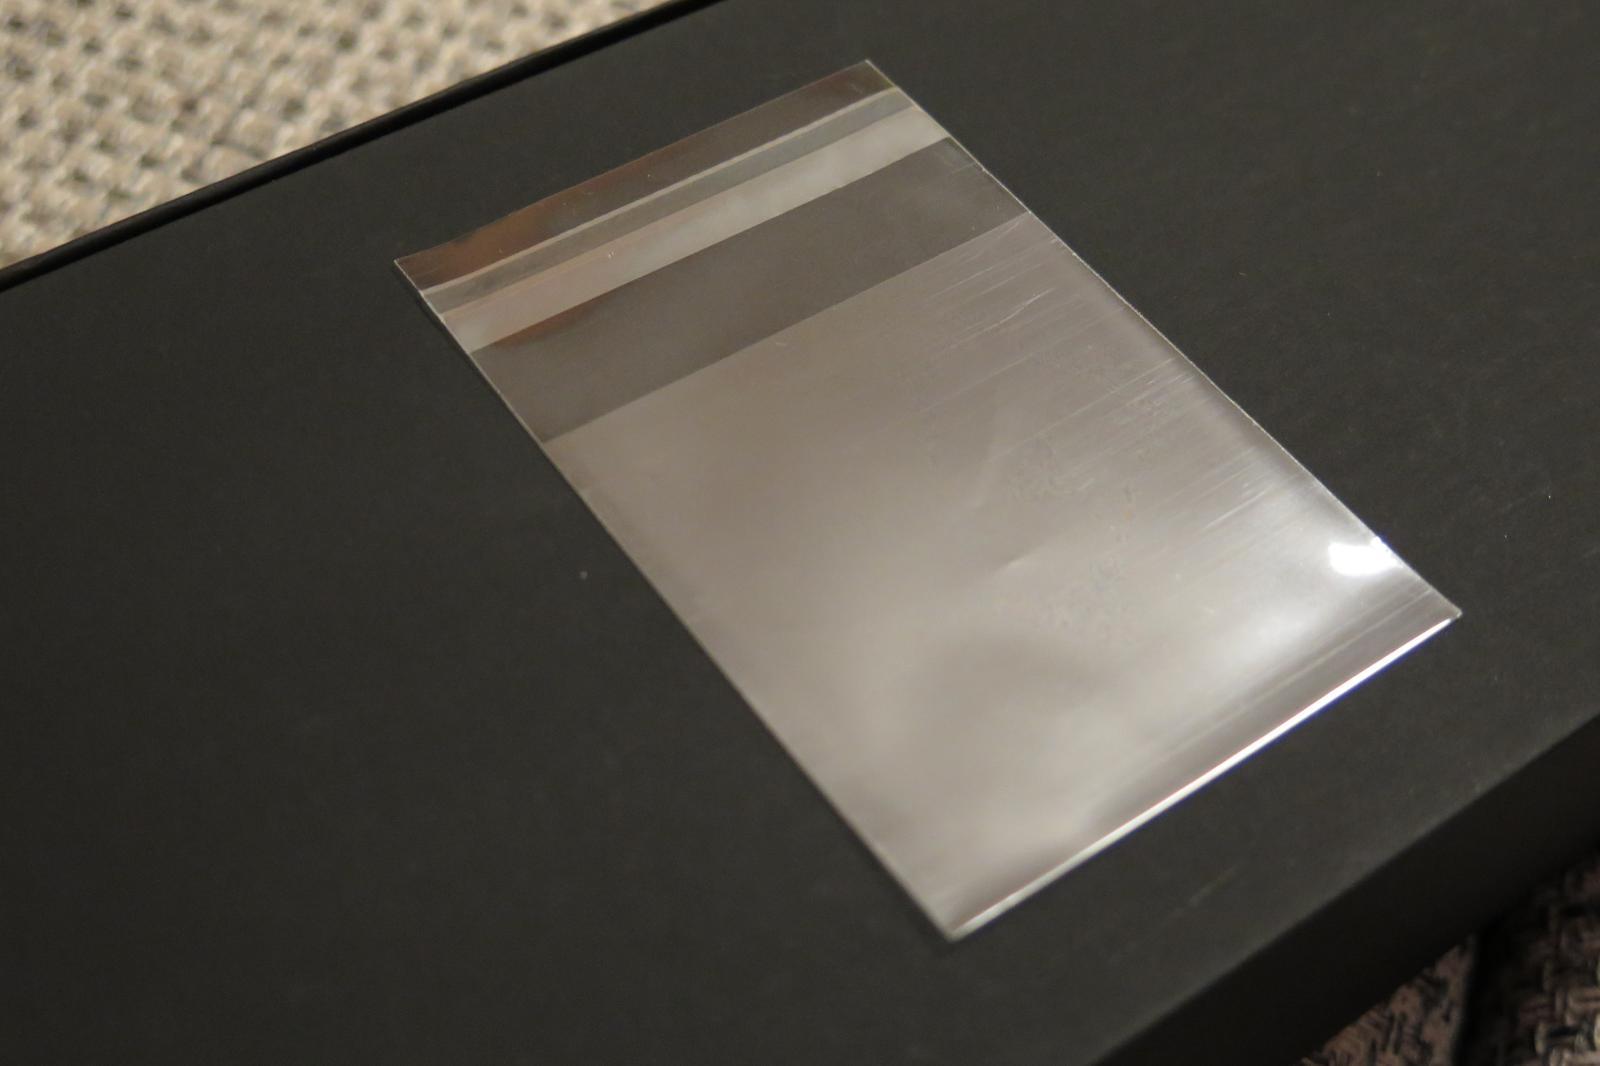 38 ks transparentní sáčky - Obrázek č. 1